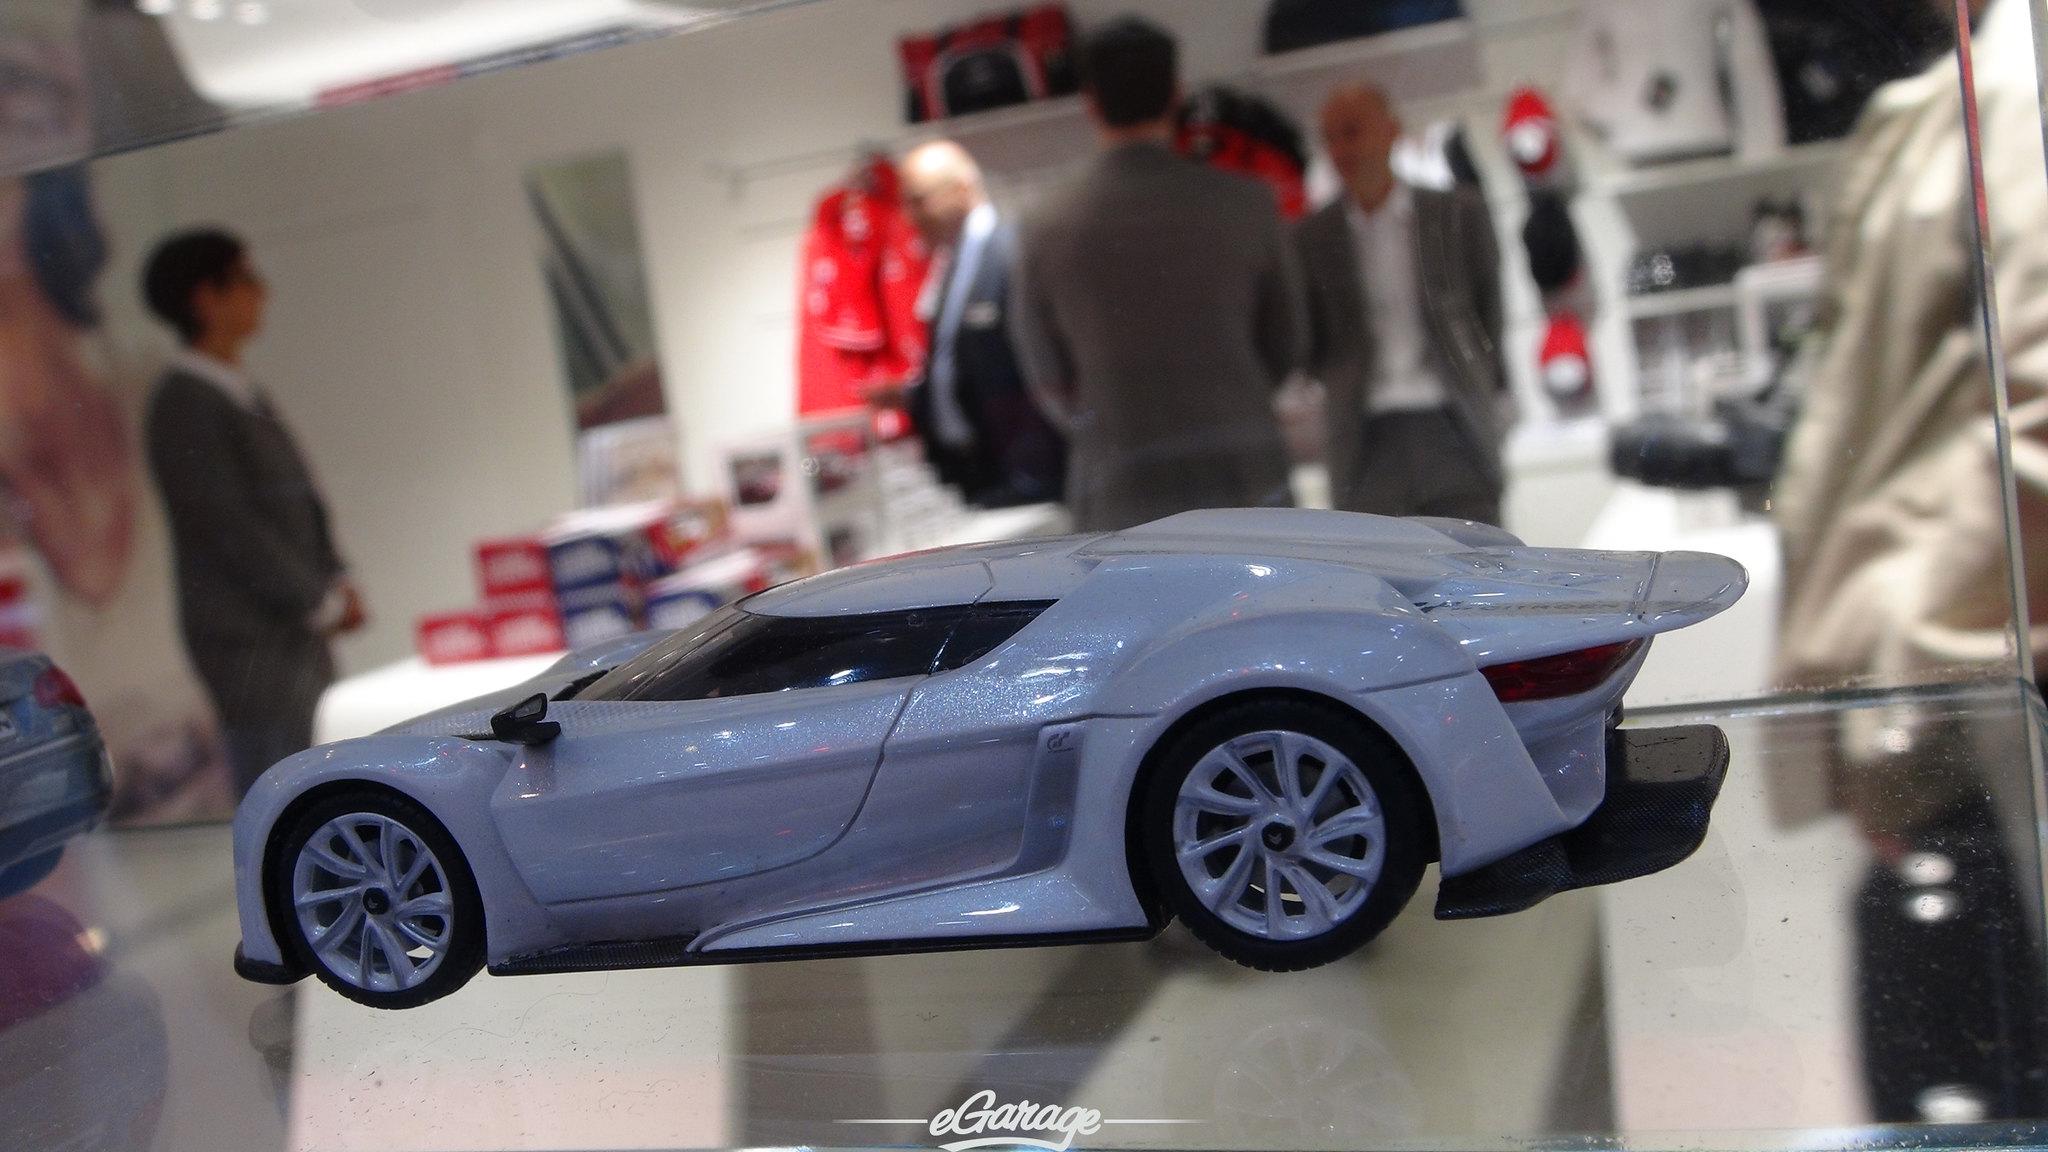 8030423104 fccba544f4 k 2012 Paris Motor Show